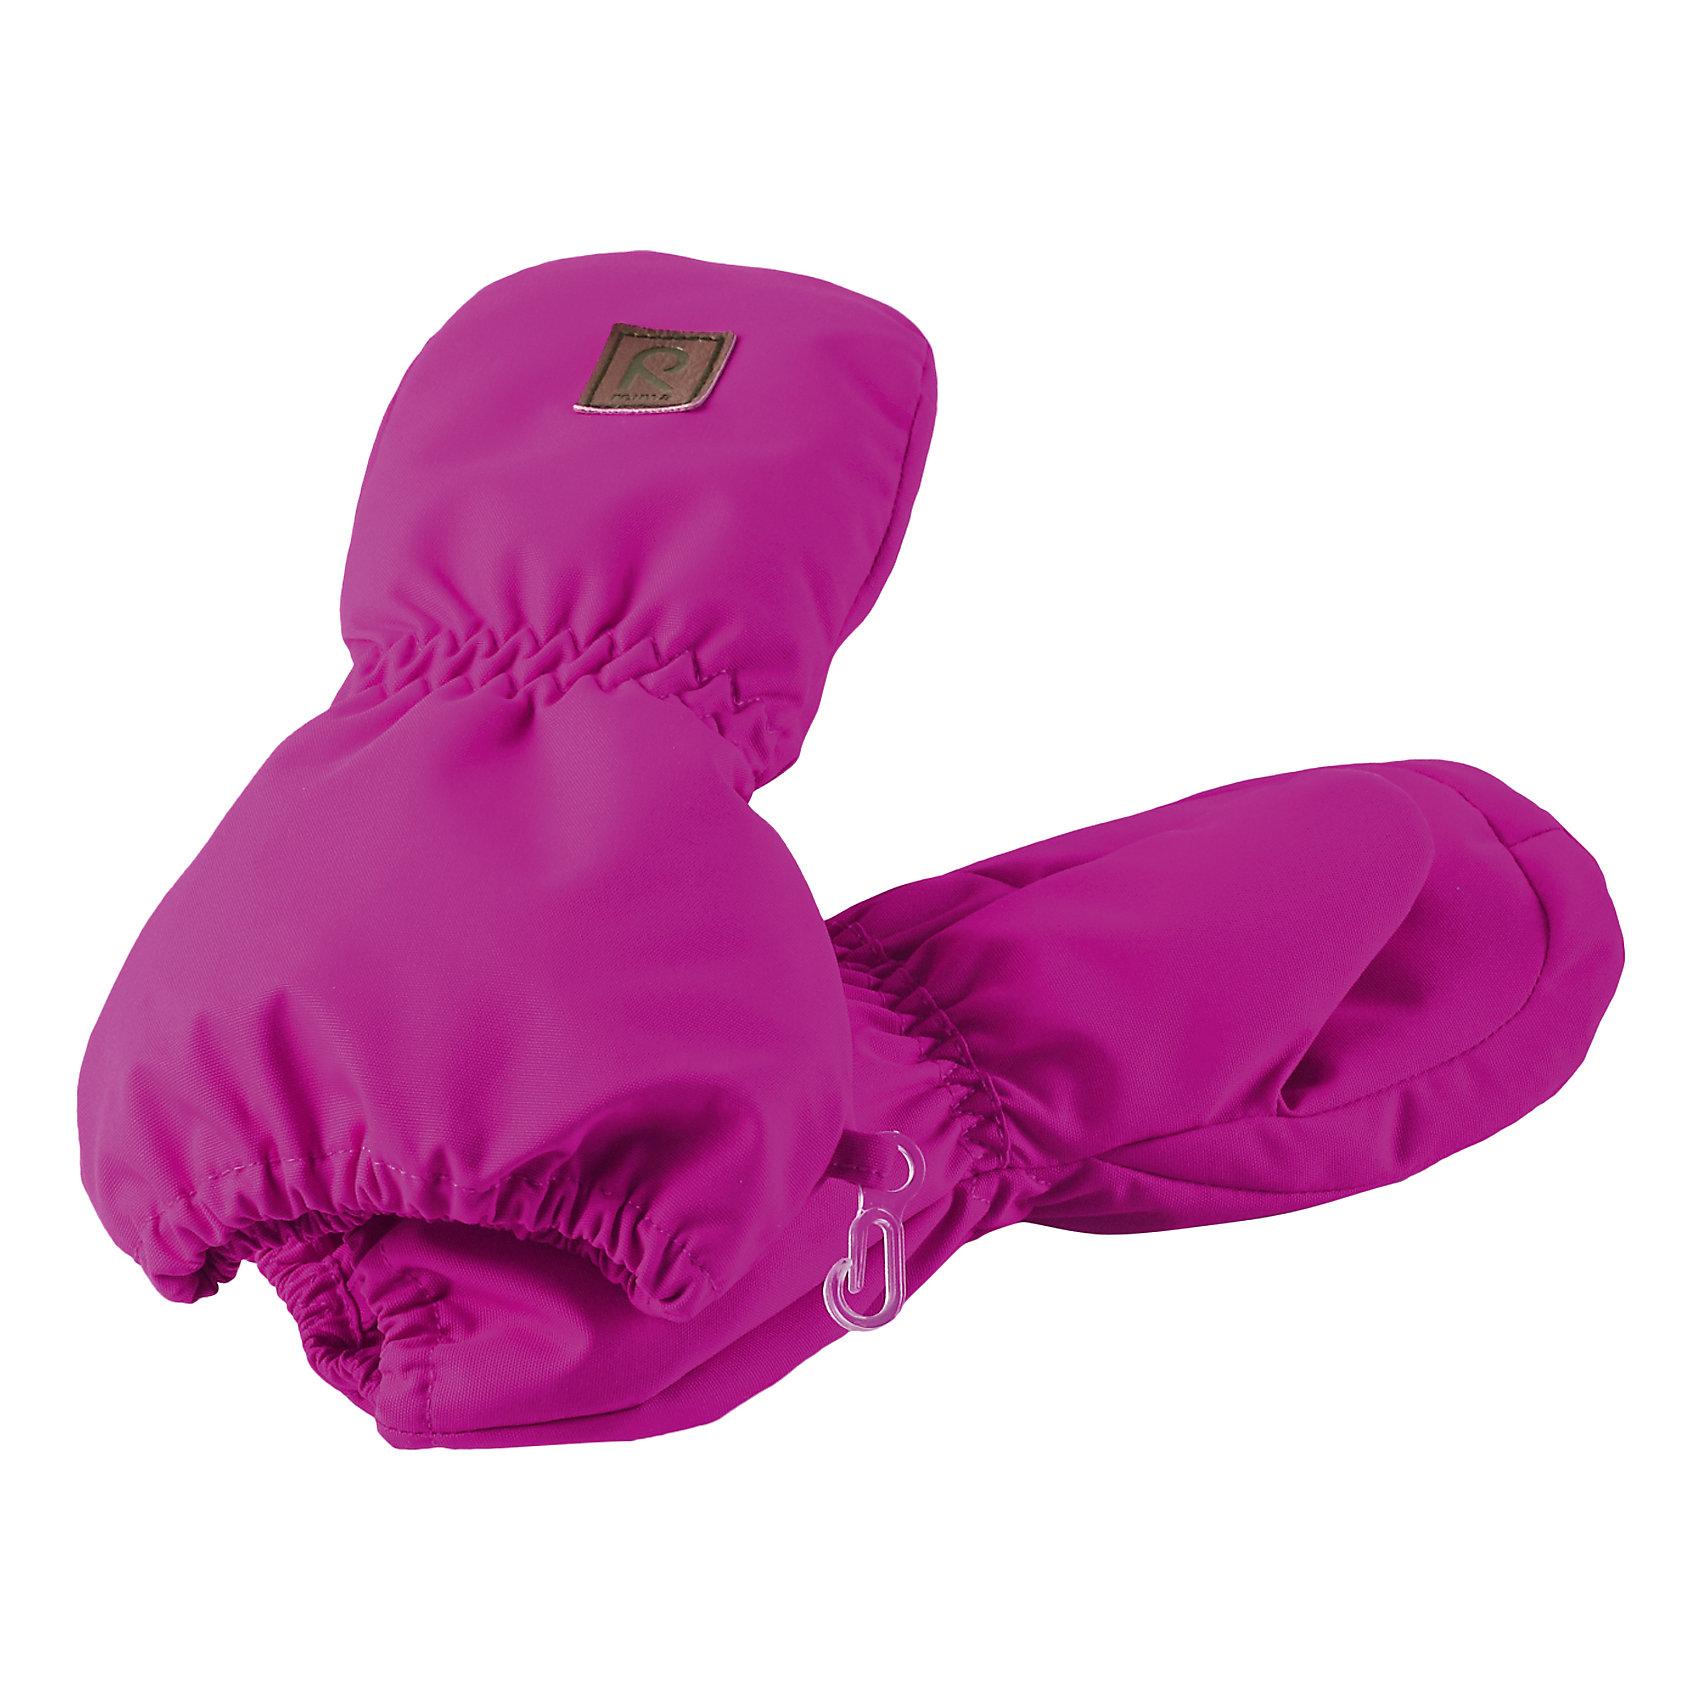 Варежки Huiske для девочки ReimaПерчатки и варежки<br>Варежки  Reima<br>Варежки для малышей. Водонепроницаемый материал, вставки отсутствуют — товар не является водонепроницаемым. Водо- и ветронепроницаемый «дышащий» материал. Шерсть идеально поддерживает температуру. Теплая подкладка из ткани из смеси шерсти. Средняя степень утепления. Логотип Reima® спереди.<br>Утеплитель: Reima® Comfortinsulation,80 g<br>Уход:<br>Стирать по отдельности. Стирать моющим средством, не содержащим отбеливающие вещества. Полоскать без специального средства. Сушить при низкой температуре. <br>Состав:<br>100% Полиамид, полиуретановое покрытие<br><br>Ширина мм: 162<br>Глубина мм: 171<br>Высота мм: 55<br>Вес г: 119<br>Цвет: розовый<br>Возраст от месяцев: 0<br>Возраст до месяцев: 12<br>Пол: Женский<br>Возраст: Детский<br>Размер: 0,1,2<br>SKU: 4777345